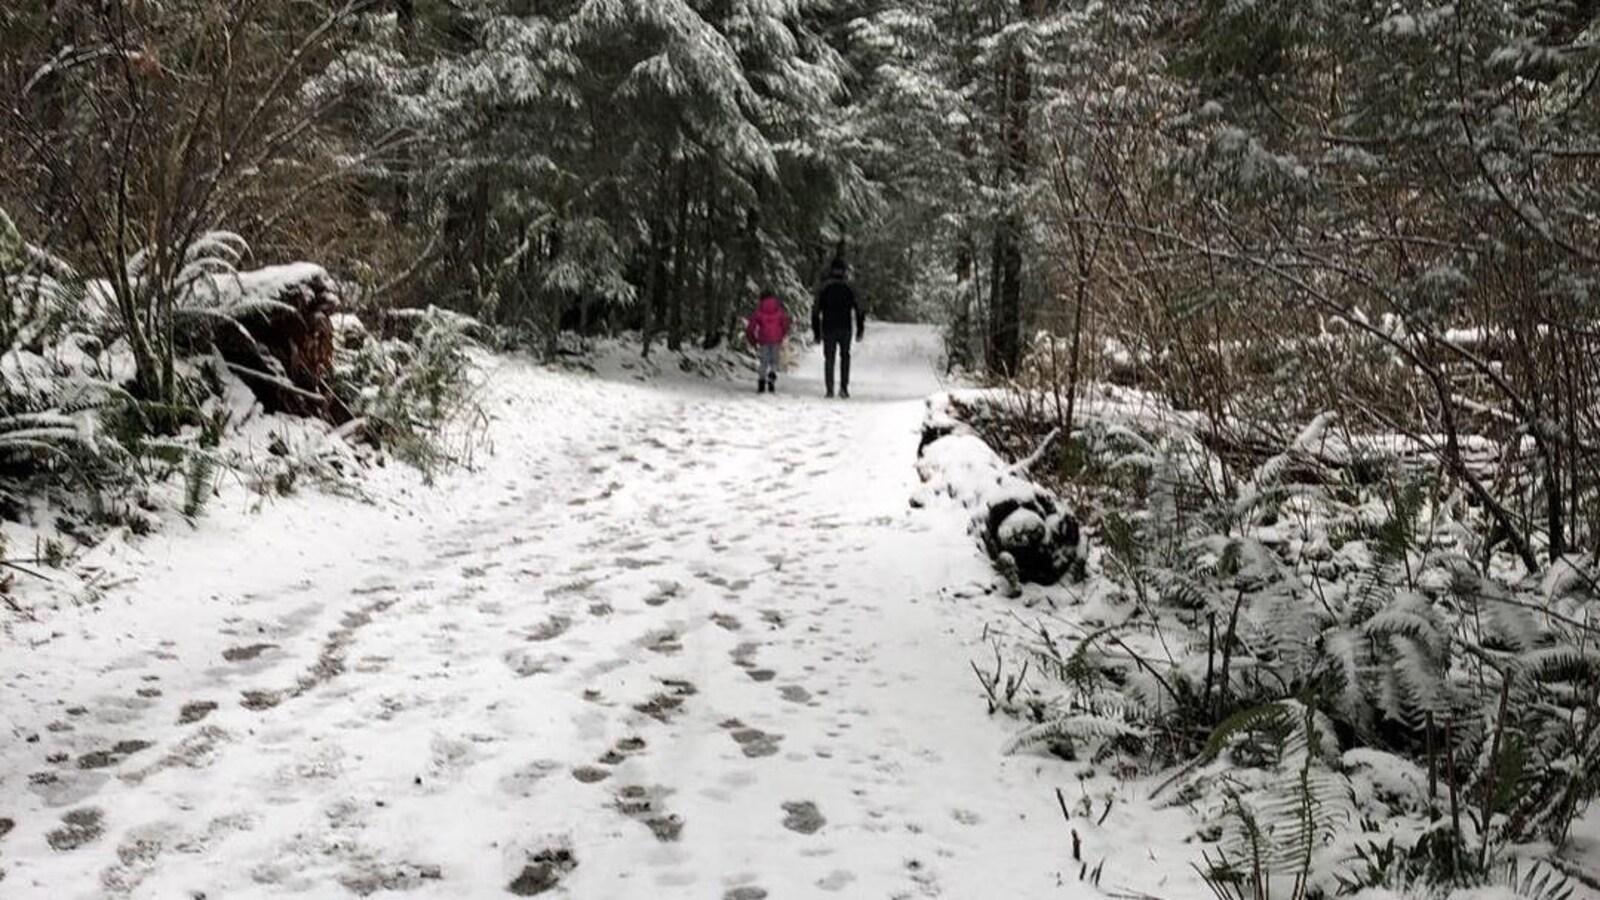 Un chemin couvert de neige dans une forêt.